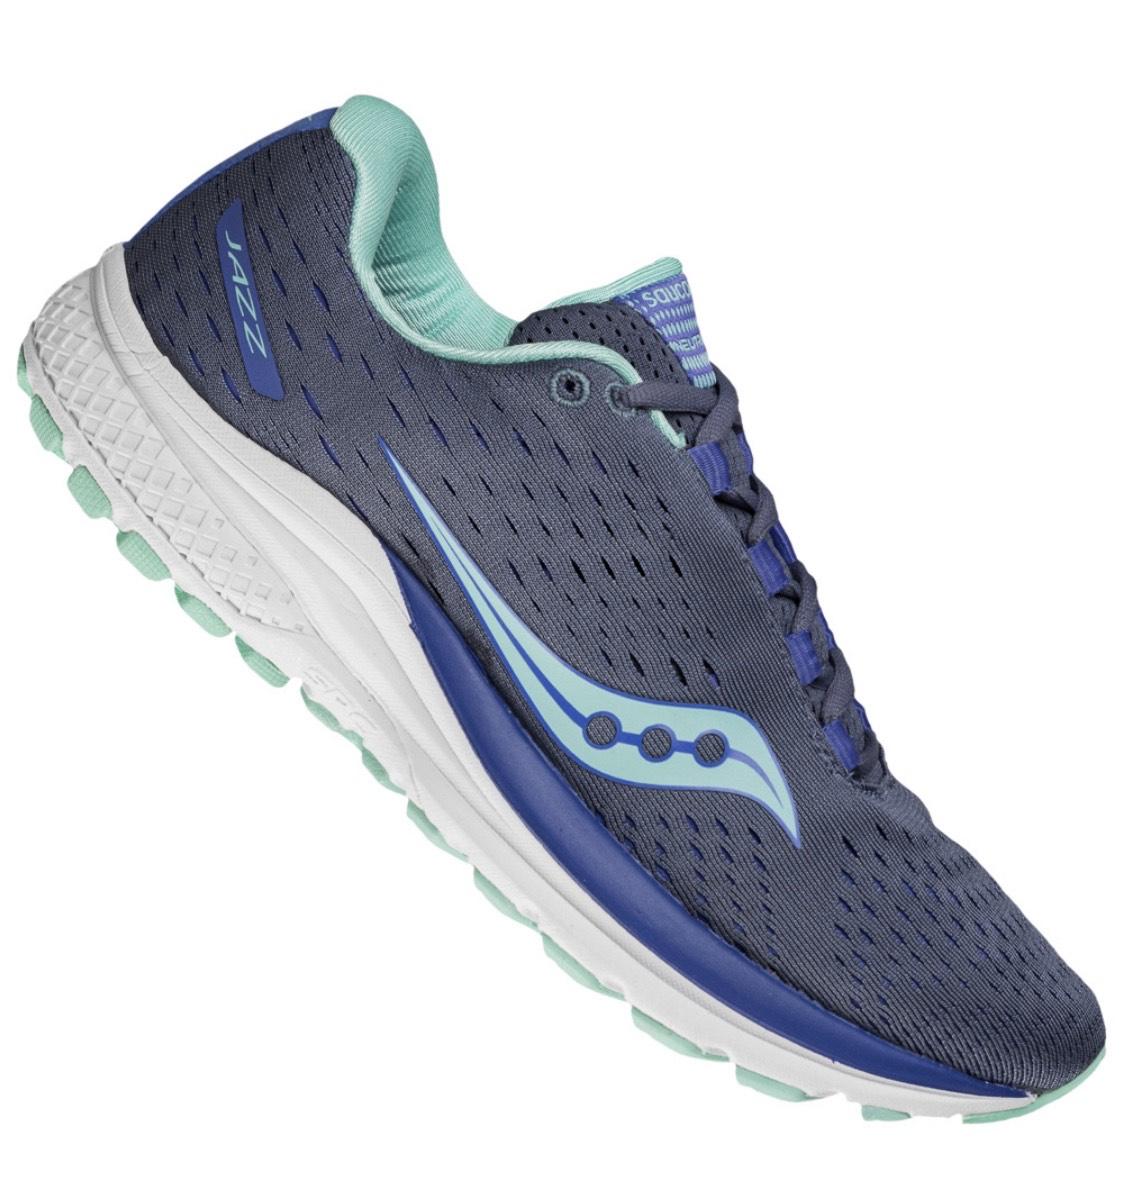 Paire de chaussures de running Saucony Jazz 20 - Taille 36 à 44,5